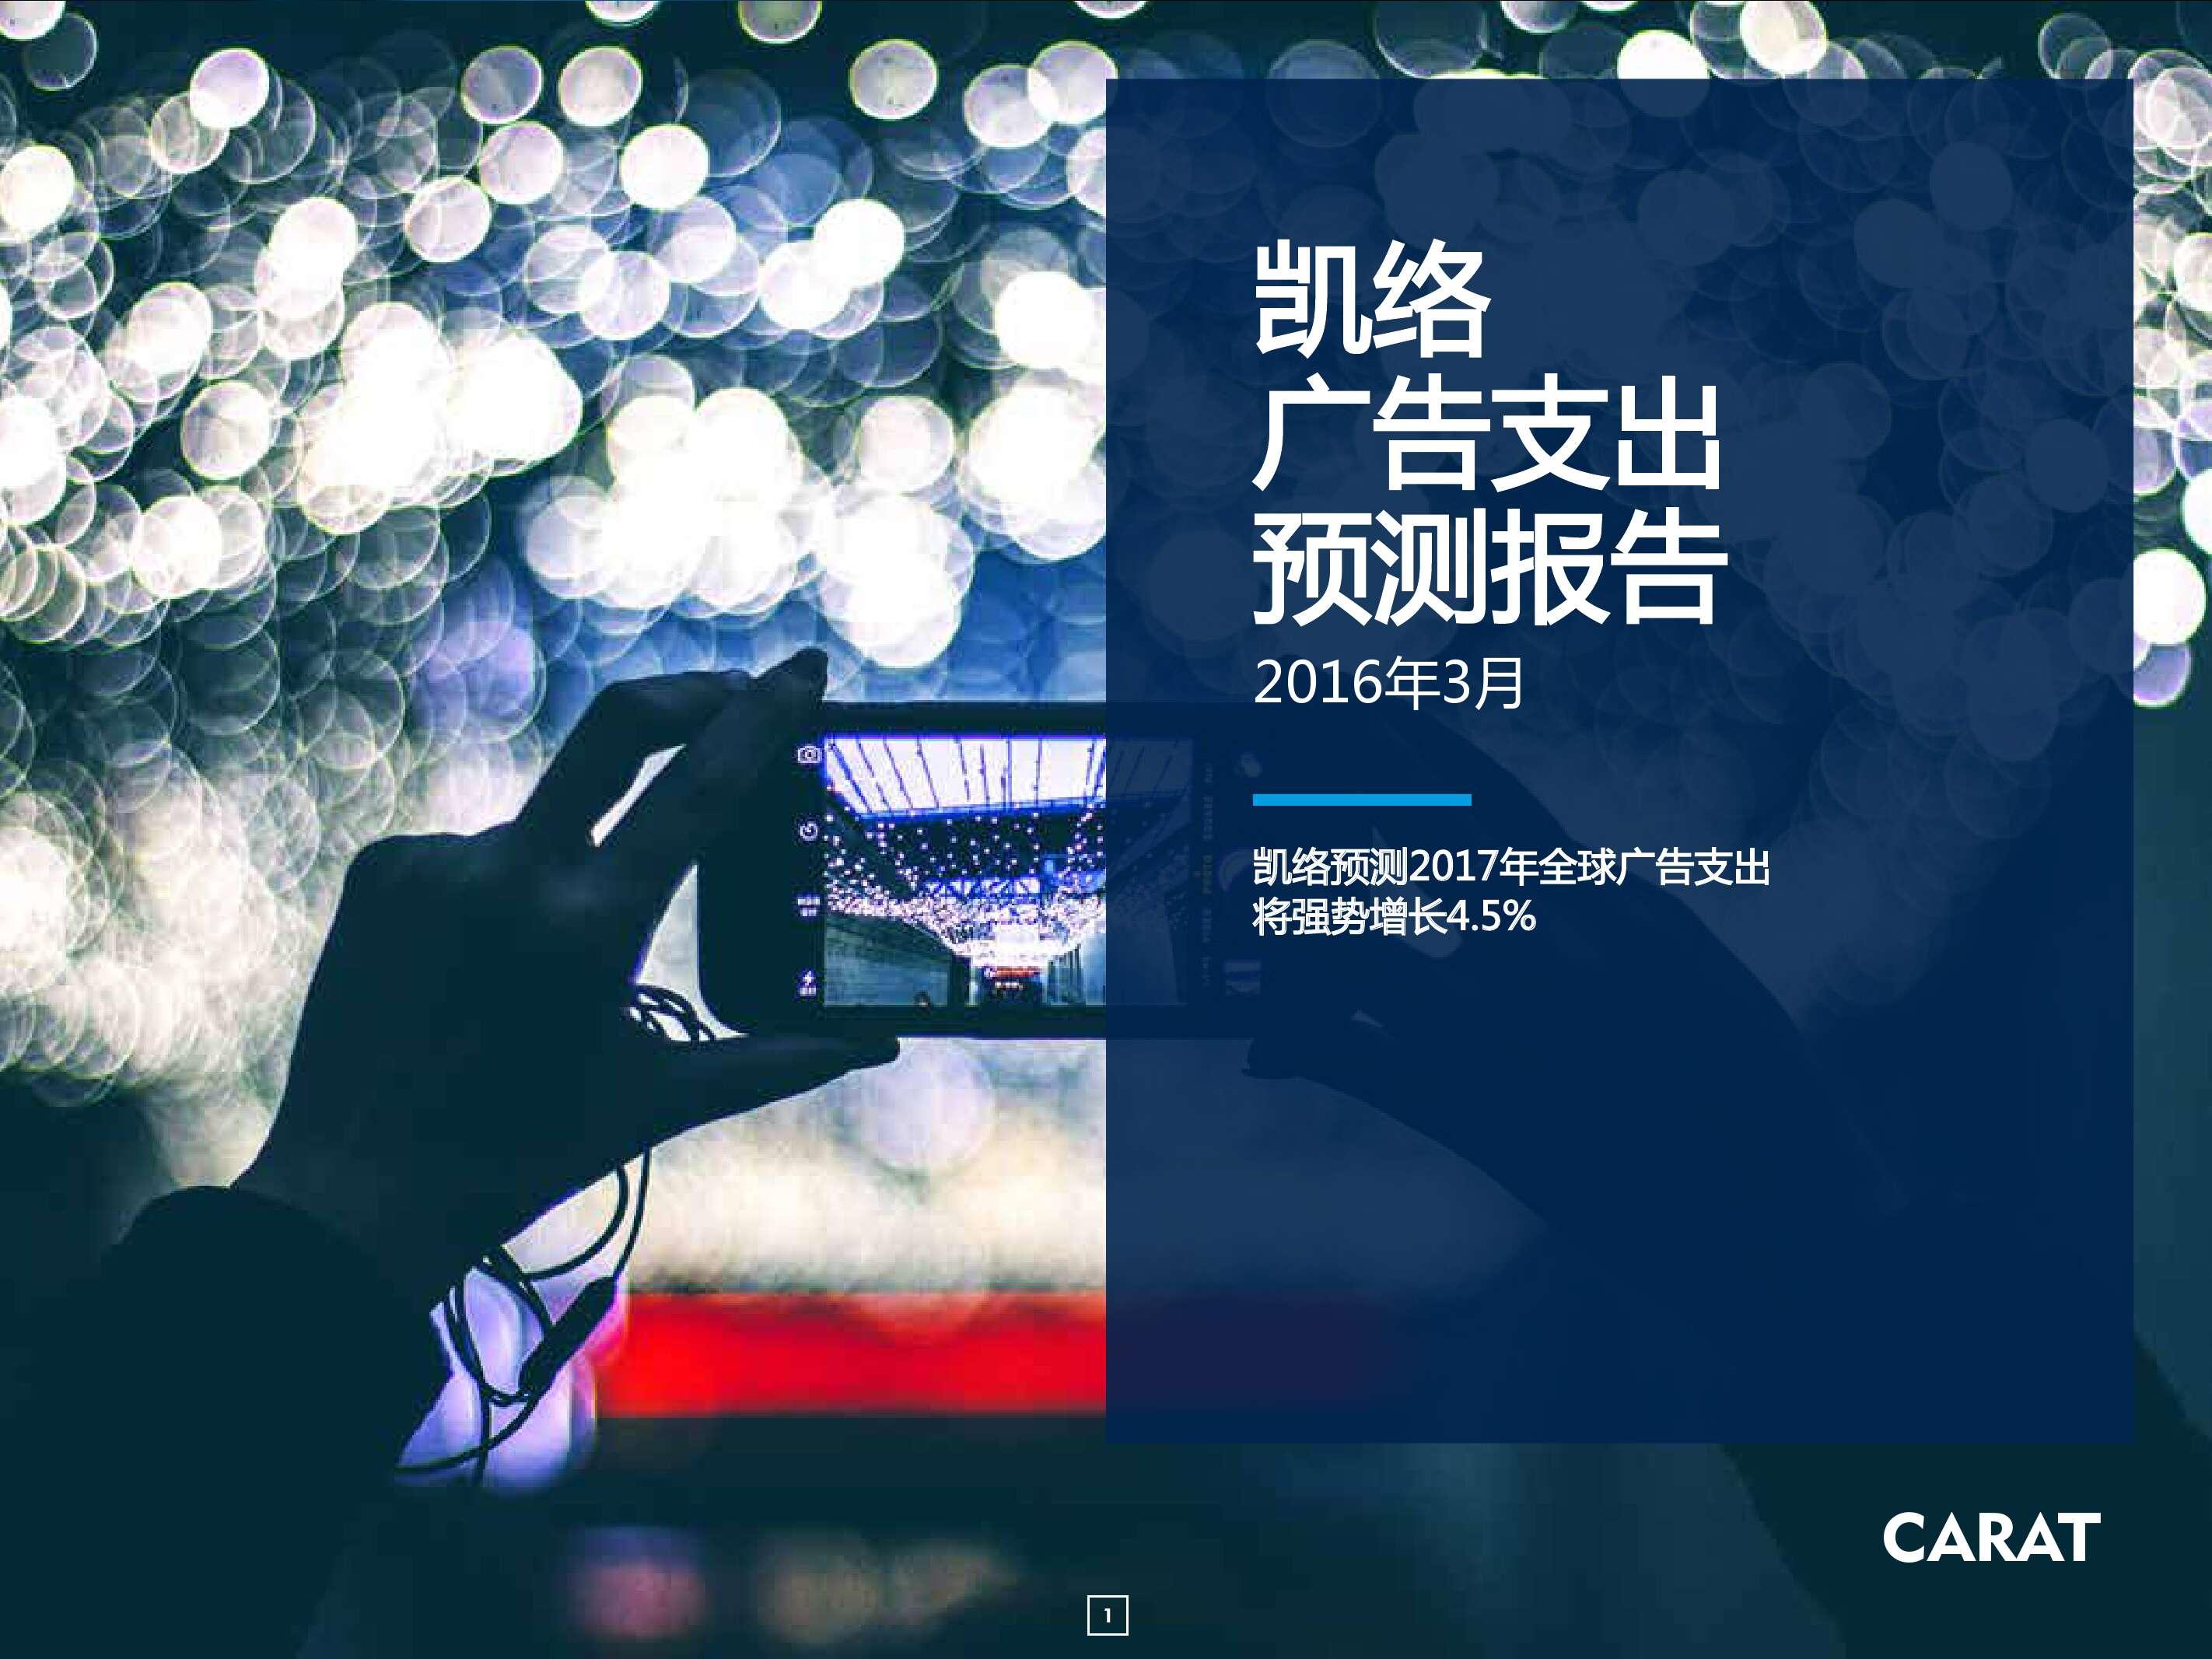 2016年全球数字广告支出预测_000001